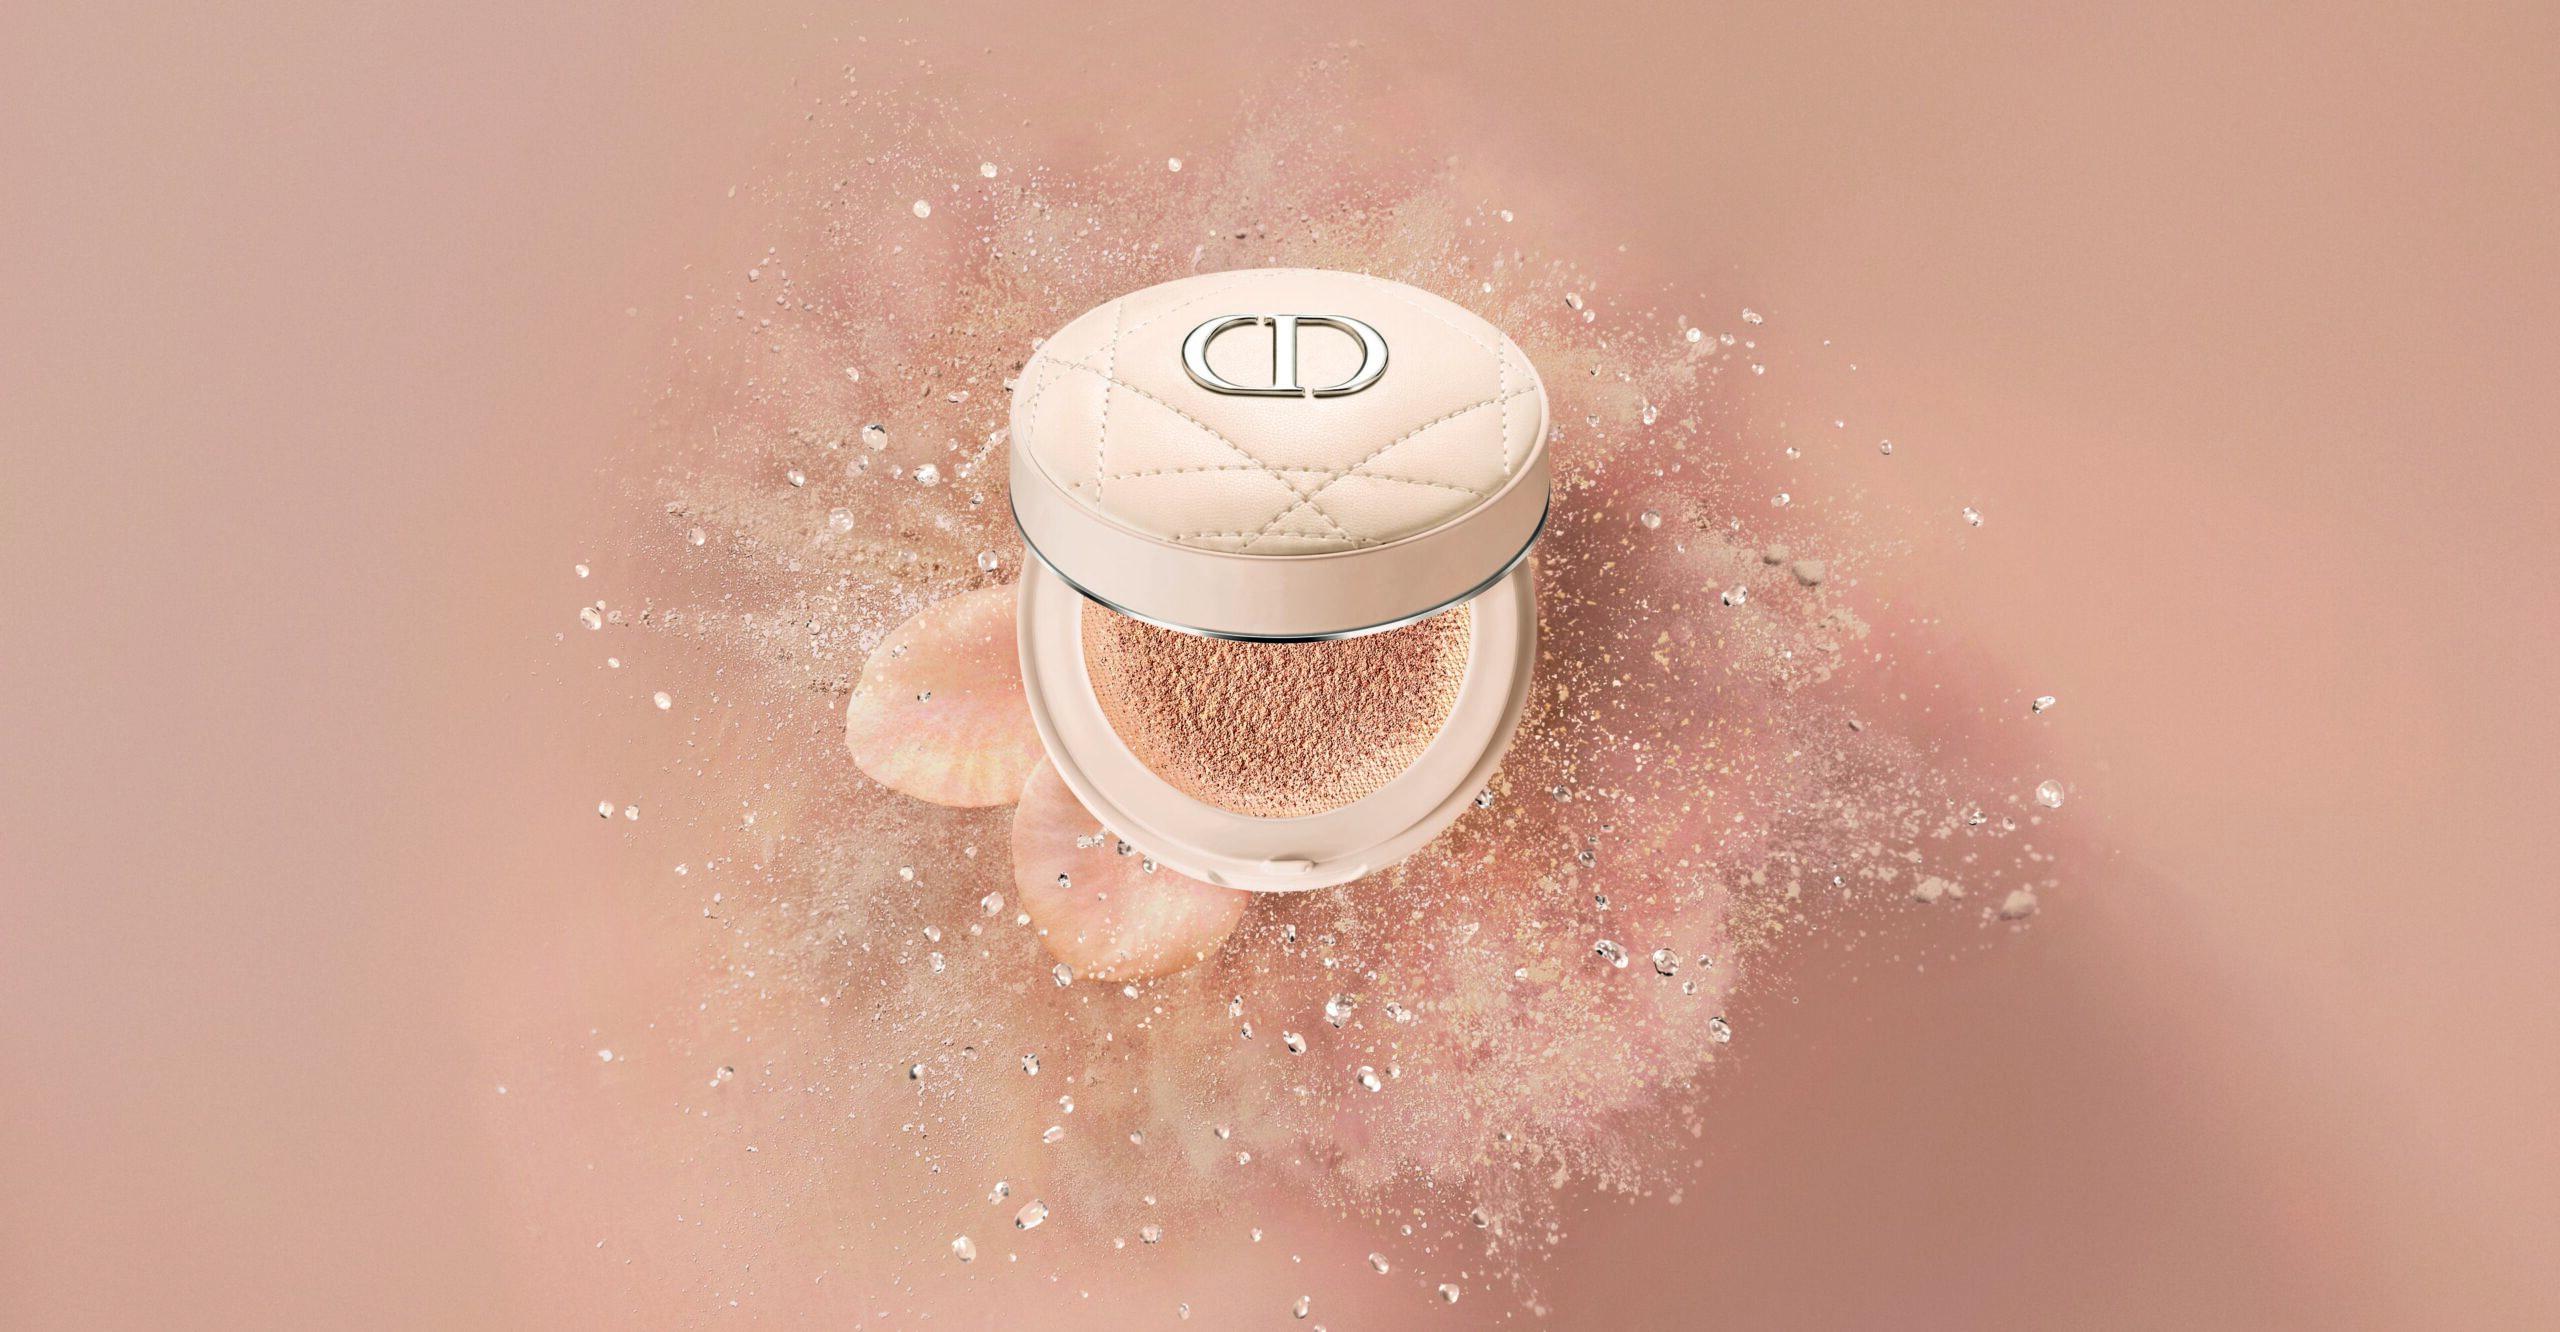 Ультратонкая освежающая рассыпчатая пудра-кушон Dior Forever Cushion Powder